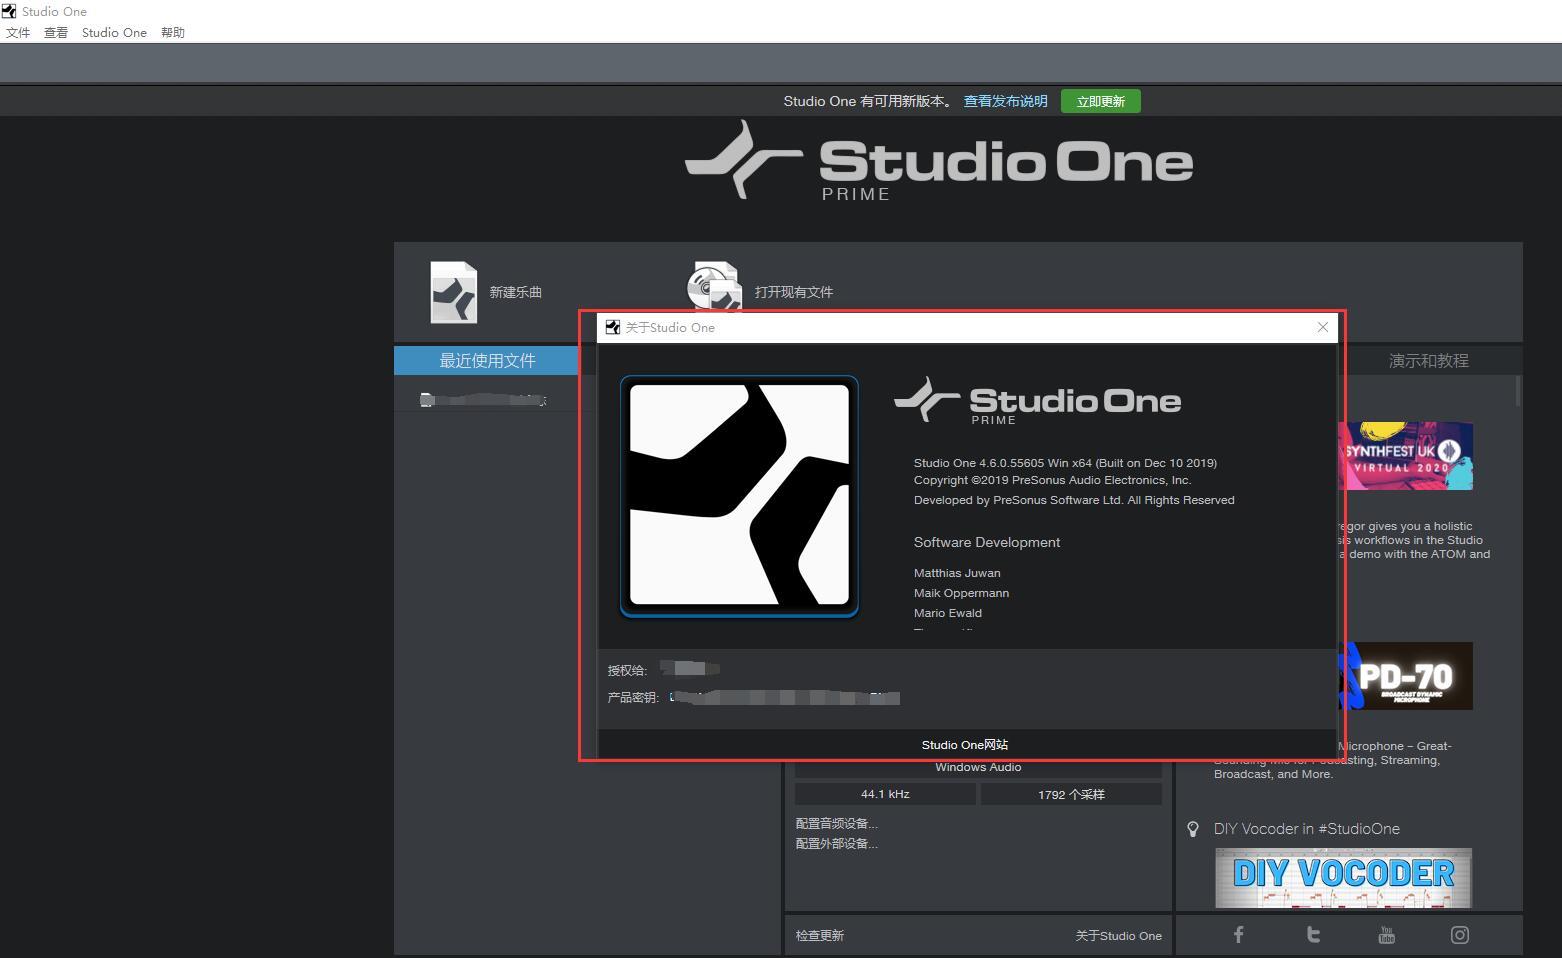 Studio One软件界面